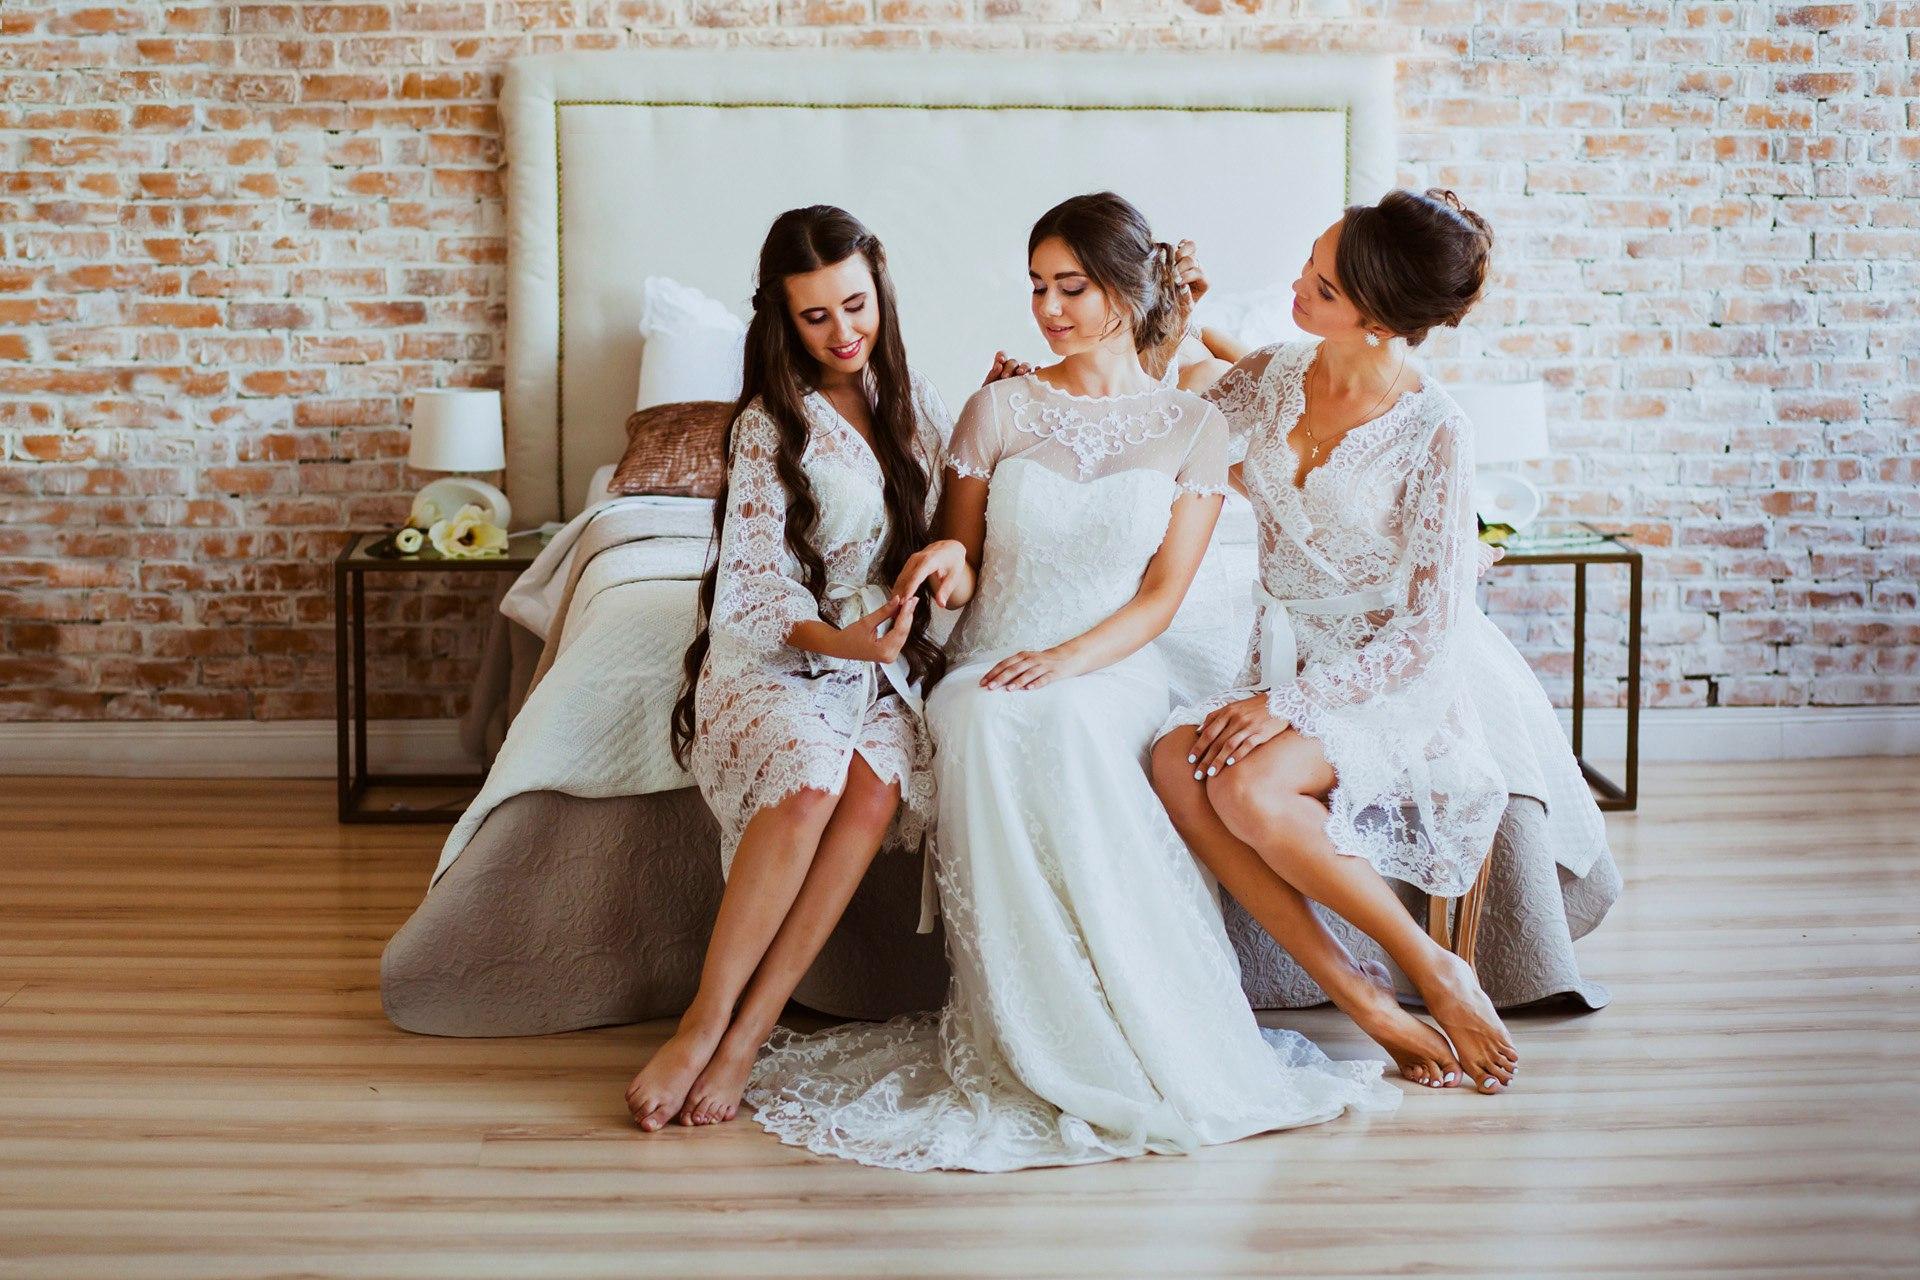 cxKw 6stGD8 - Нужна ли репетиция свадьбы?